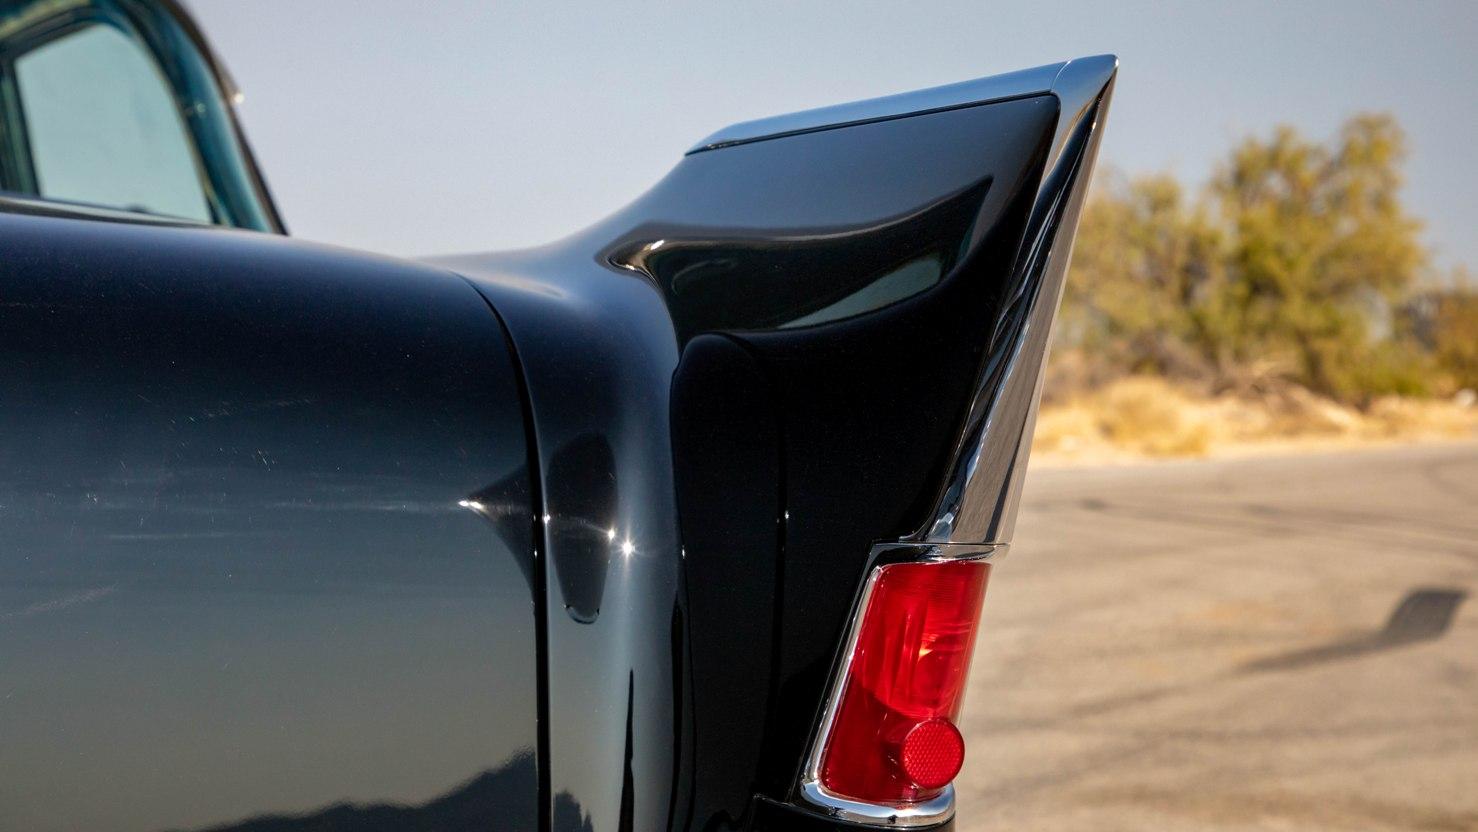 Tailfin of 1957 El Morocco Chevy